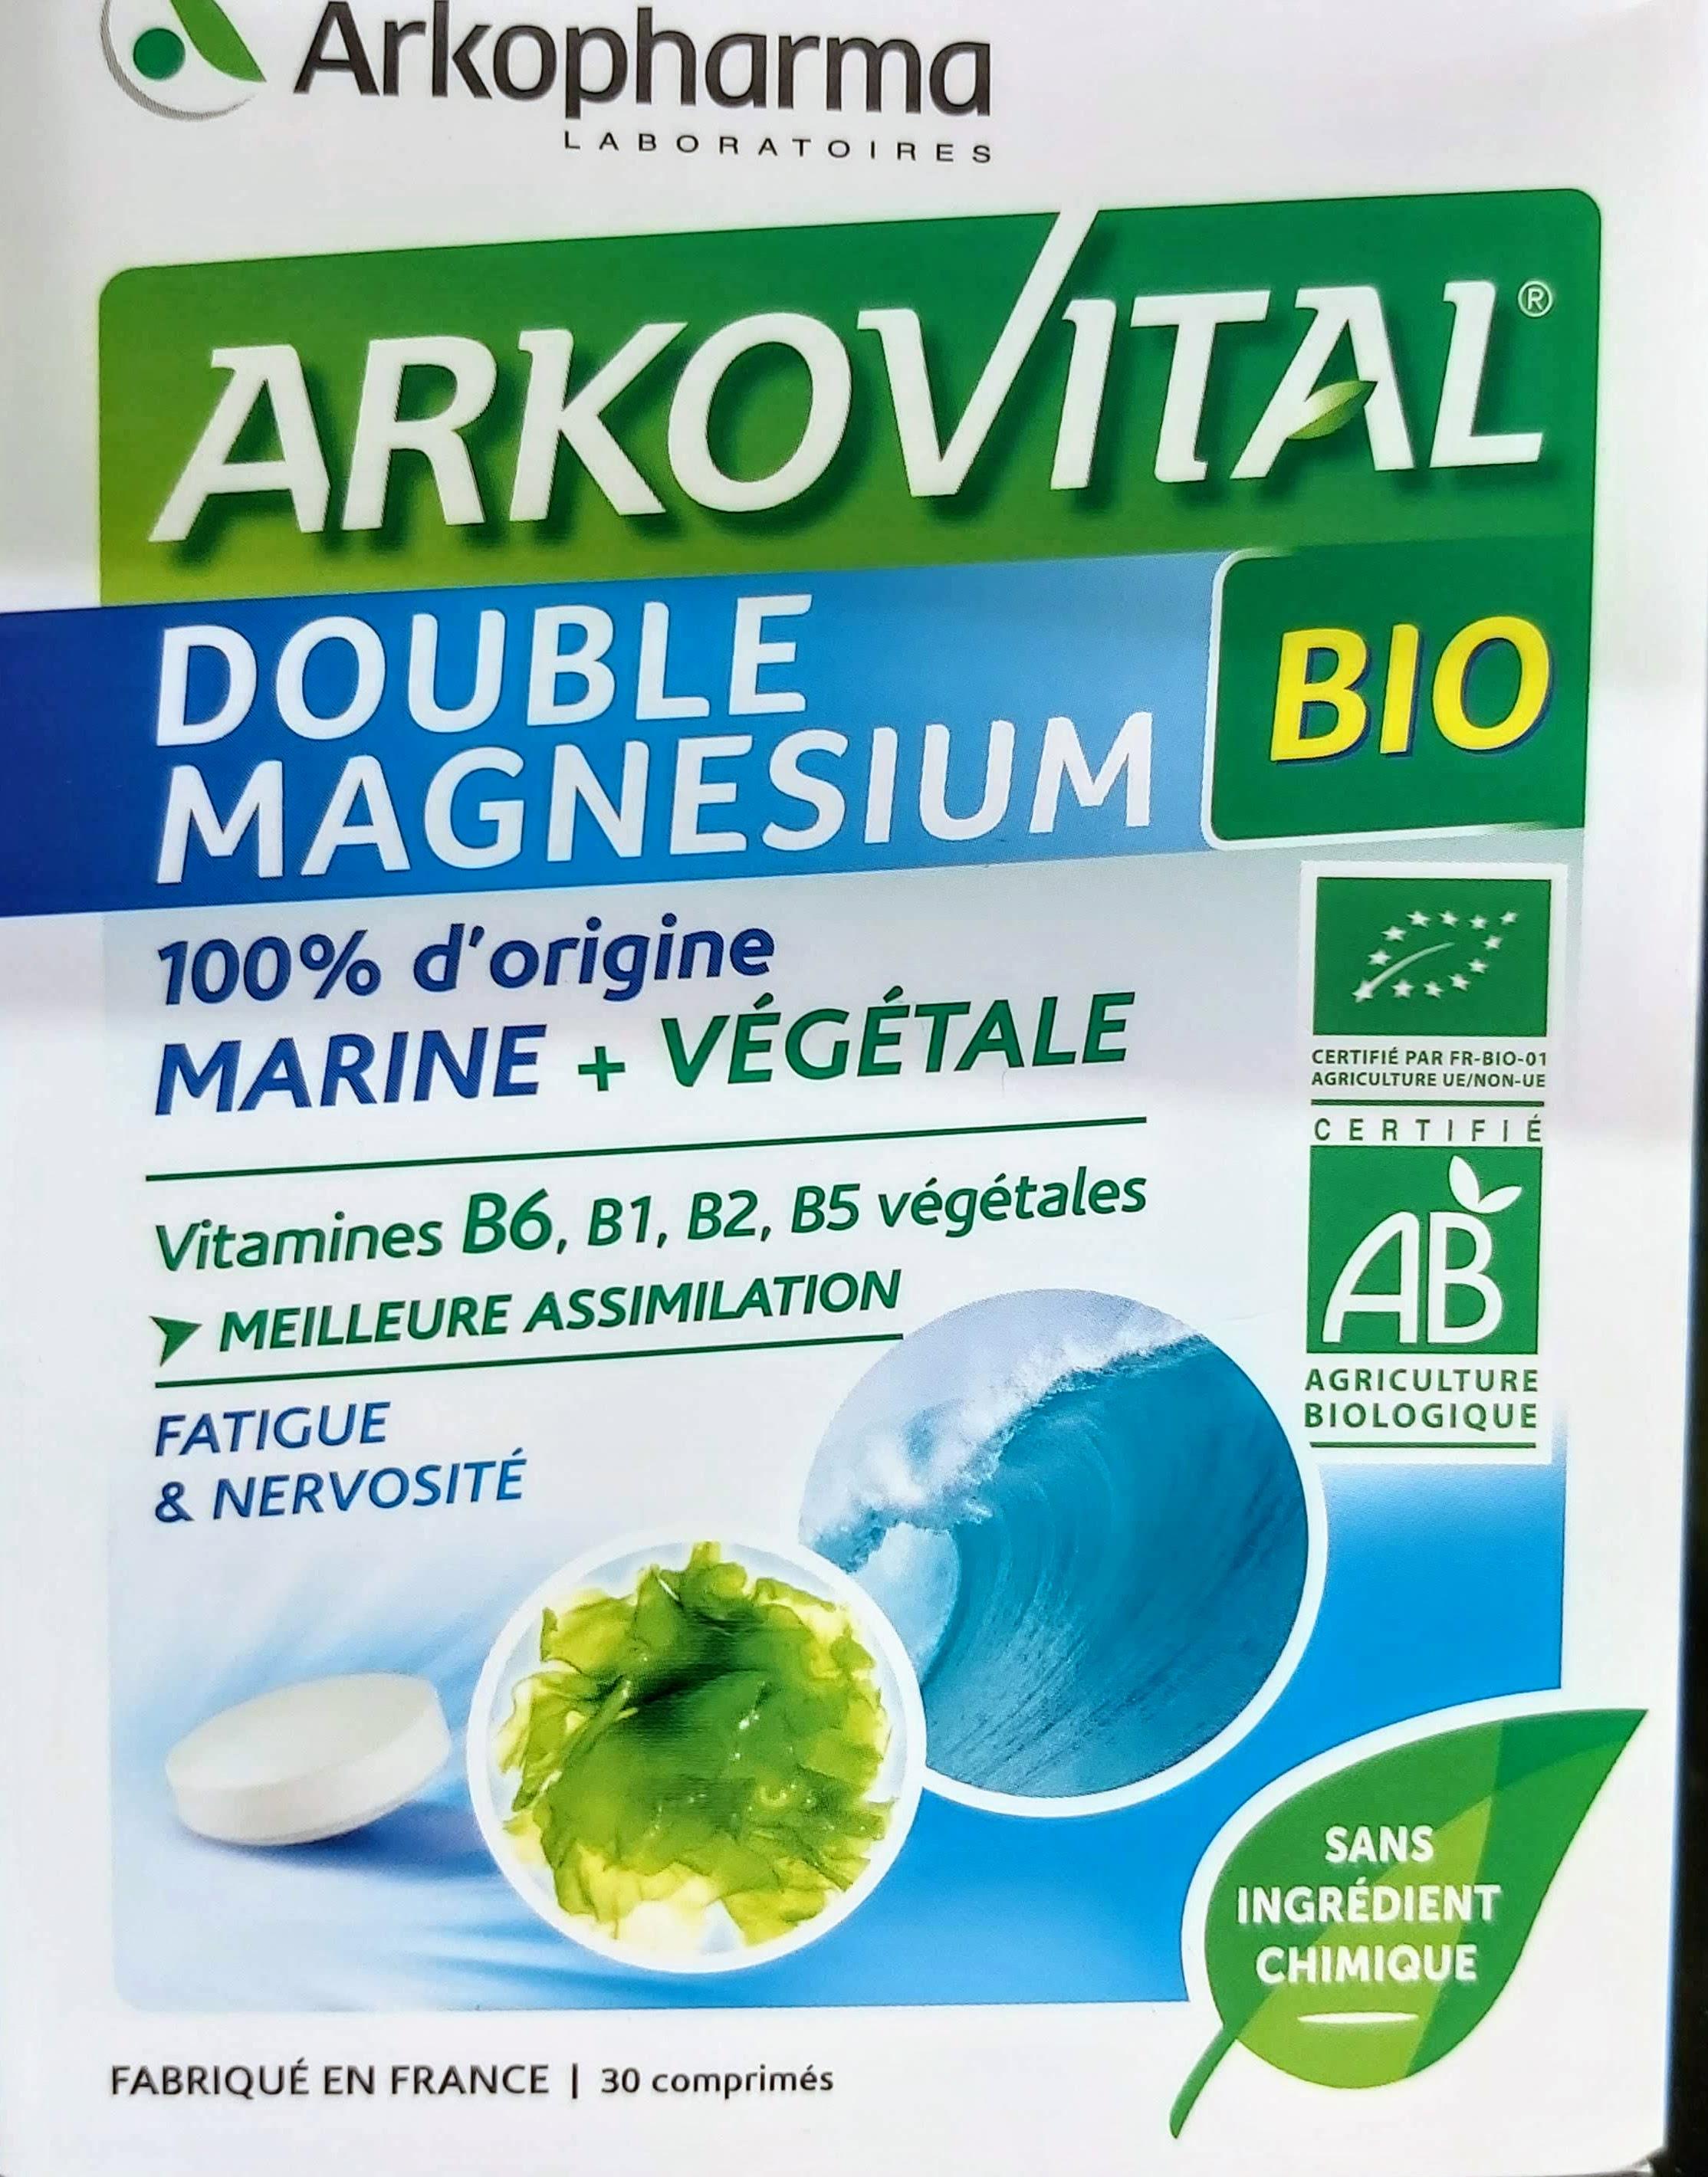 Arkovital® Doble Magnesio a base de lechuga de mar y de un concentrado de extractos vegetales. El Magnesio y la Vitamina B6ayudan a reducir el cansancio y la fatiga